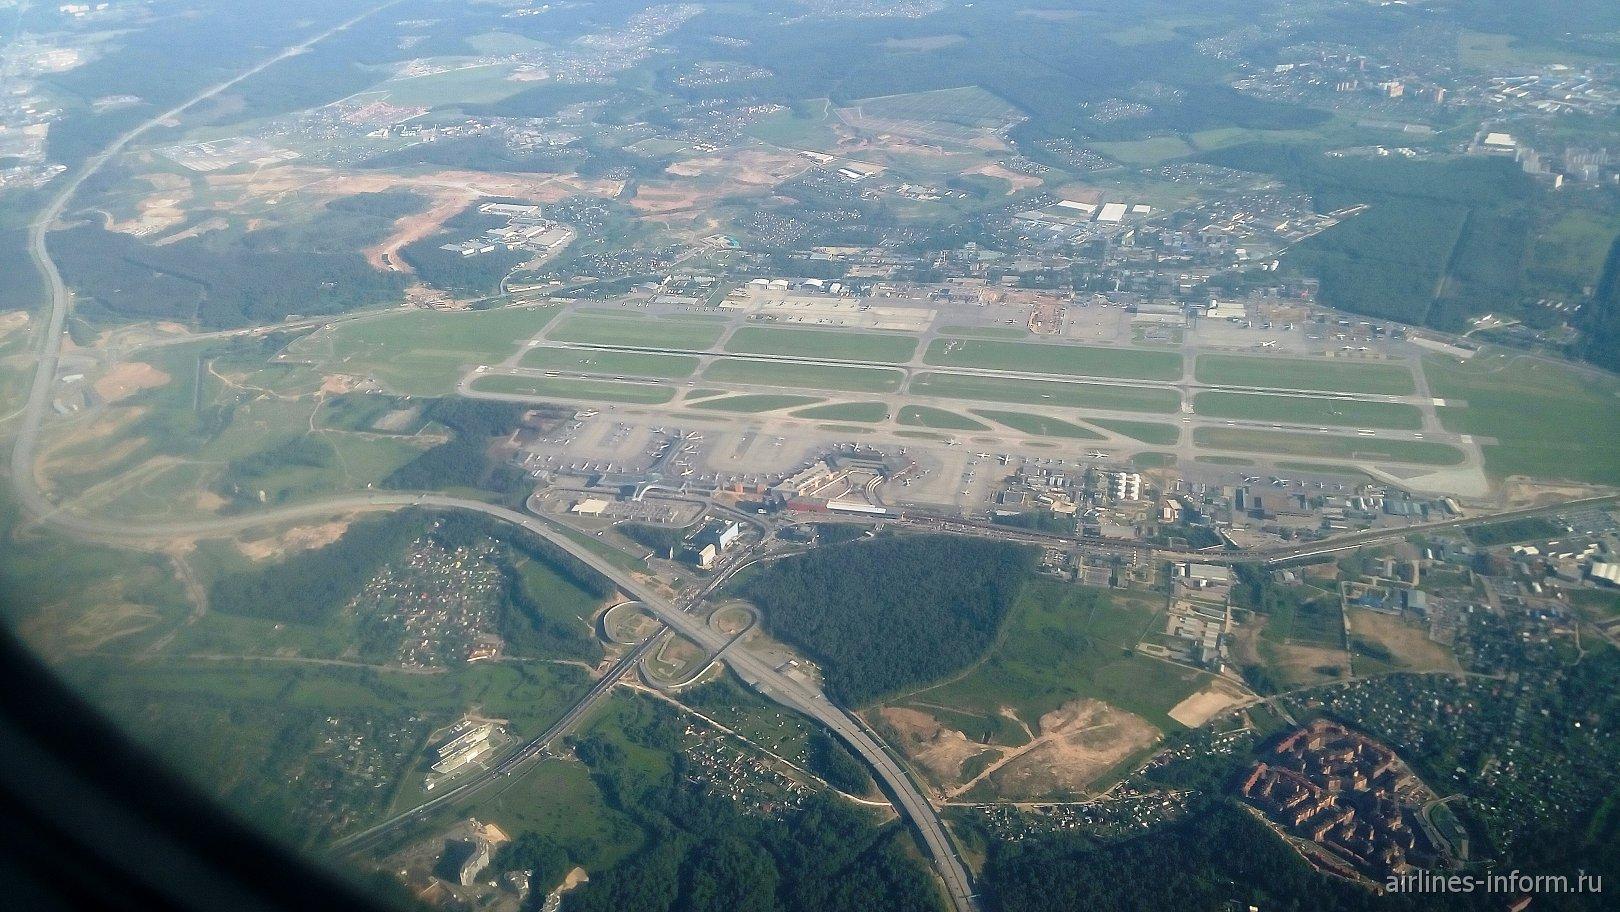 Вид сверху на аэропорт Москва Шереметьеву